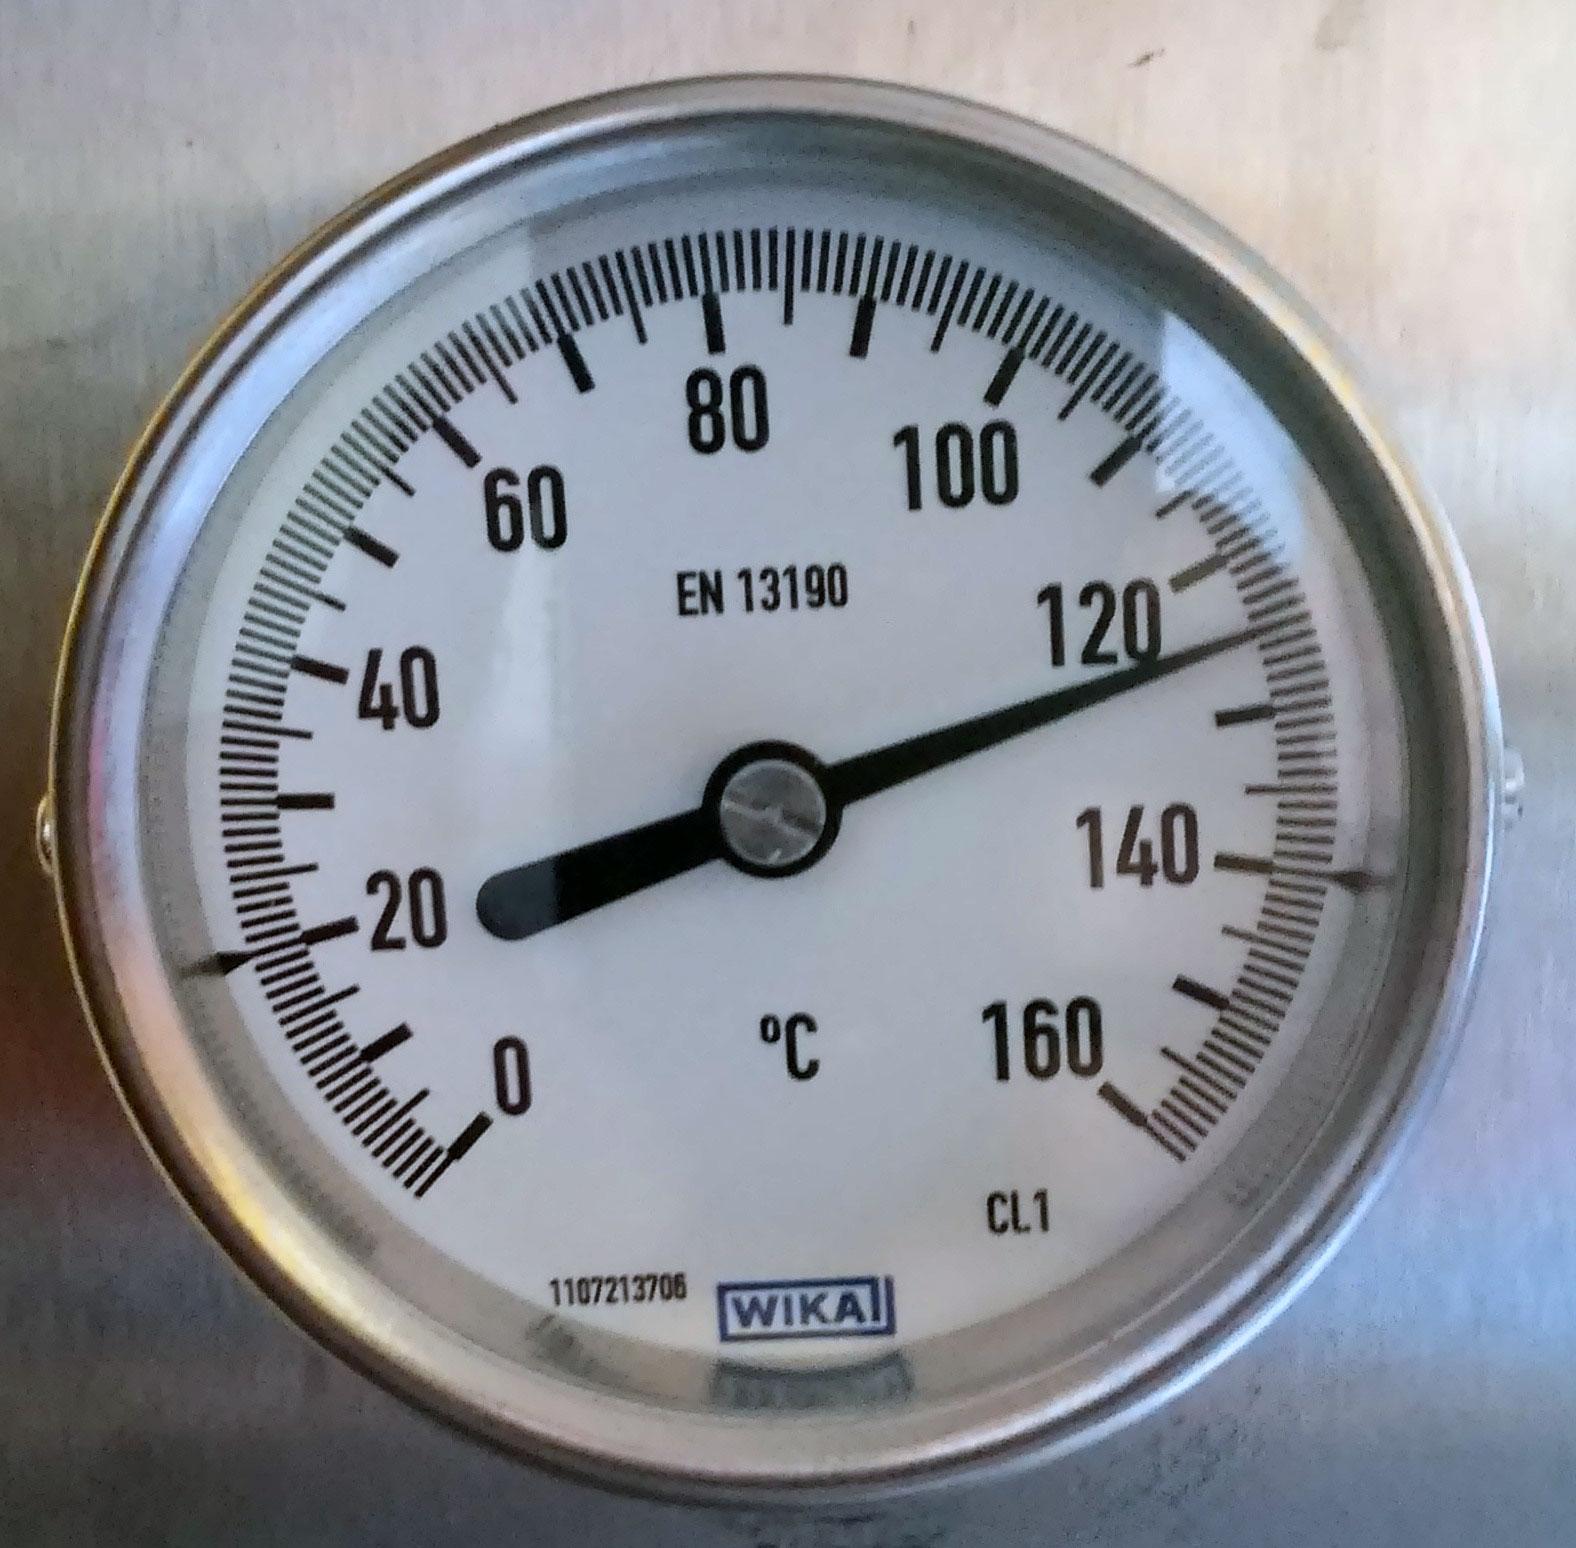 Termometr mierzący temperaturę w komorze wosku